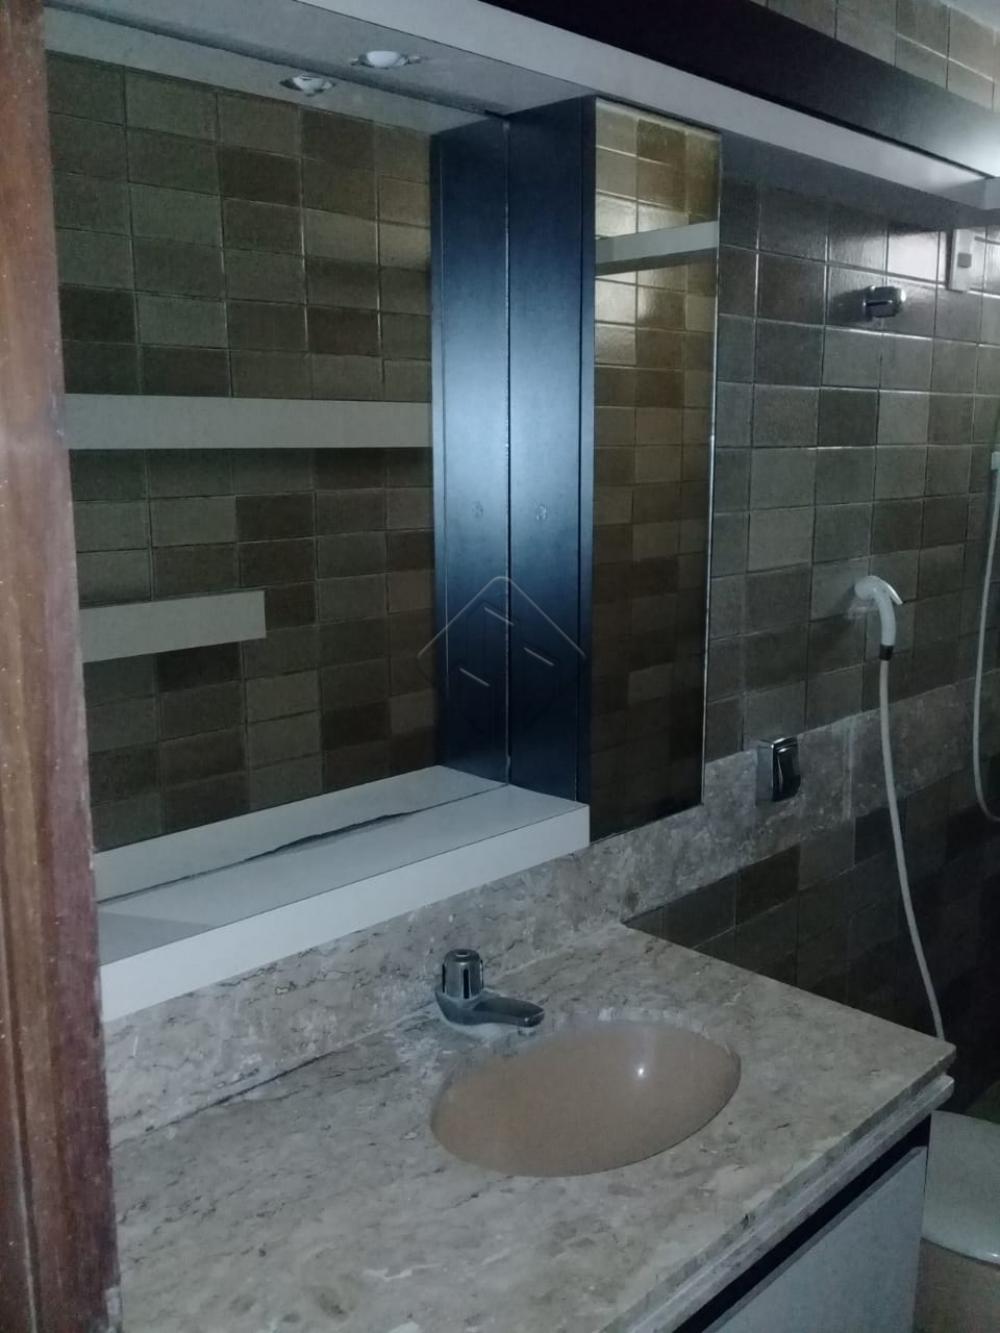 Comprar Apartamento / Padrão em João Pessoa apenas R$ 300.000,00 - Foto 19